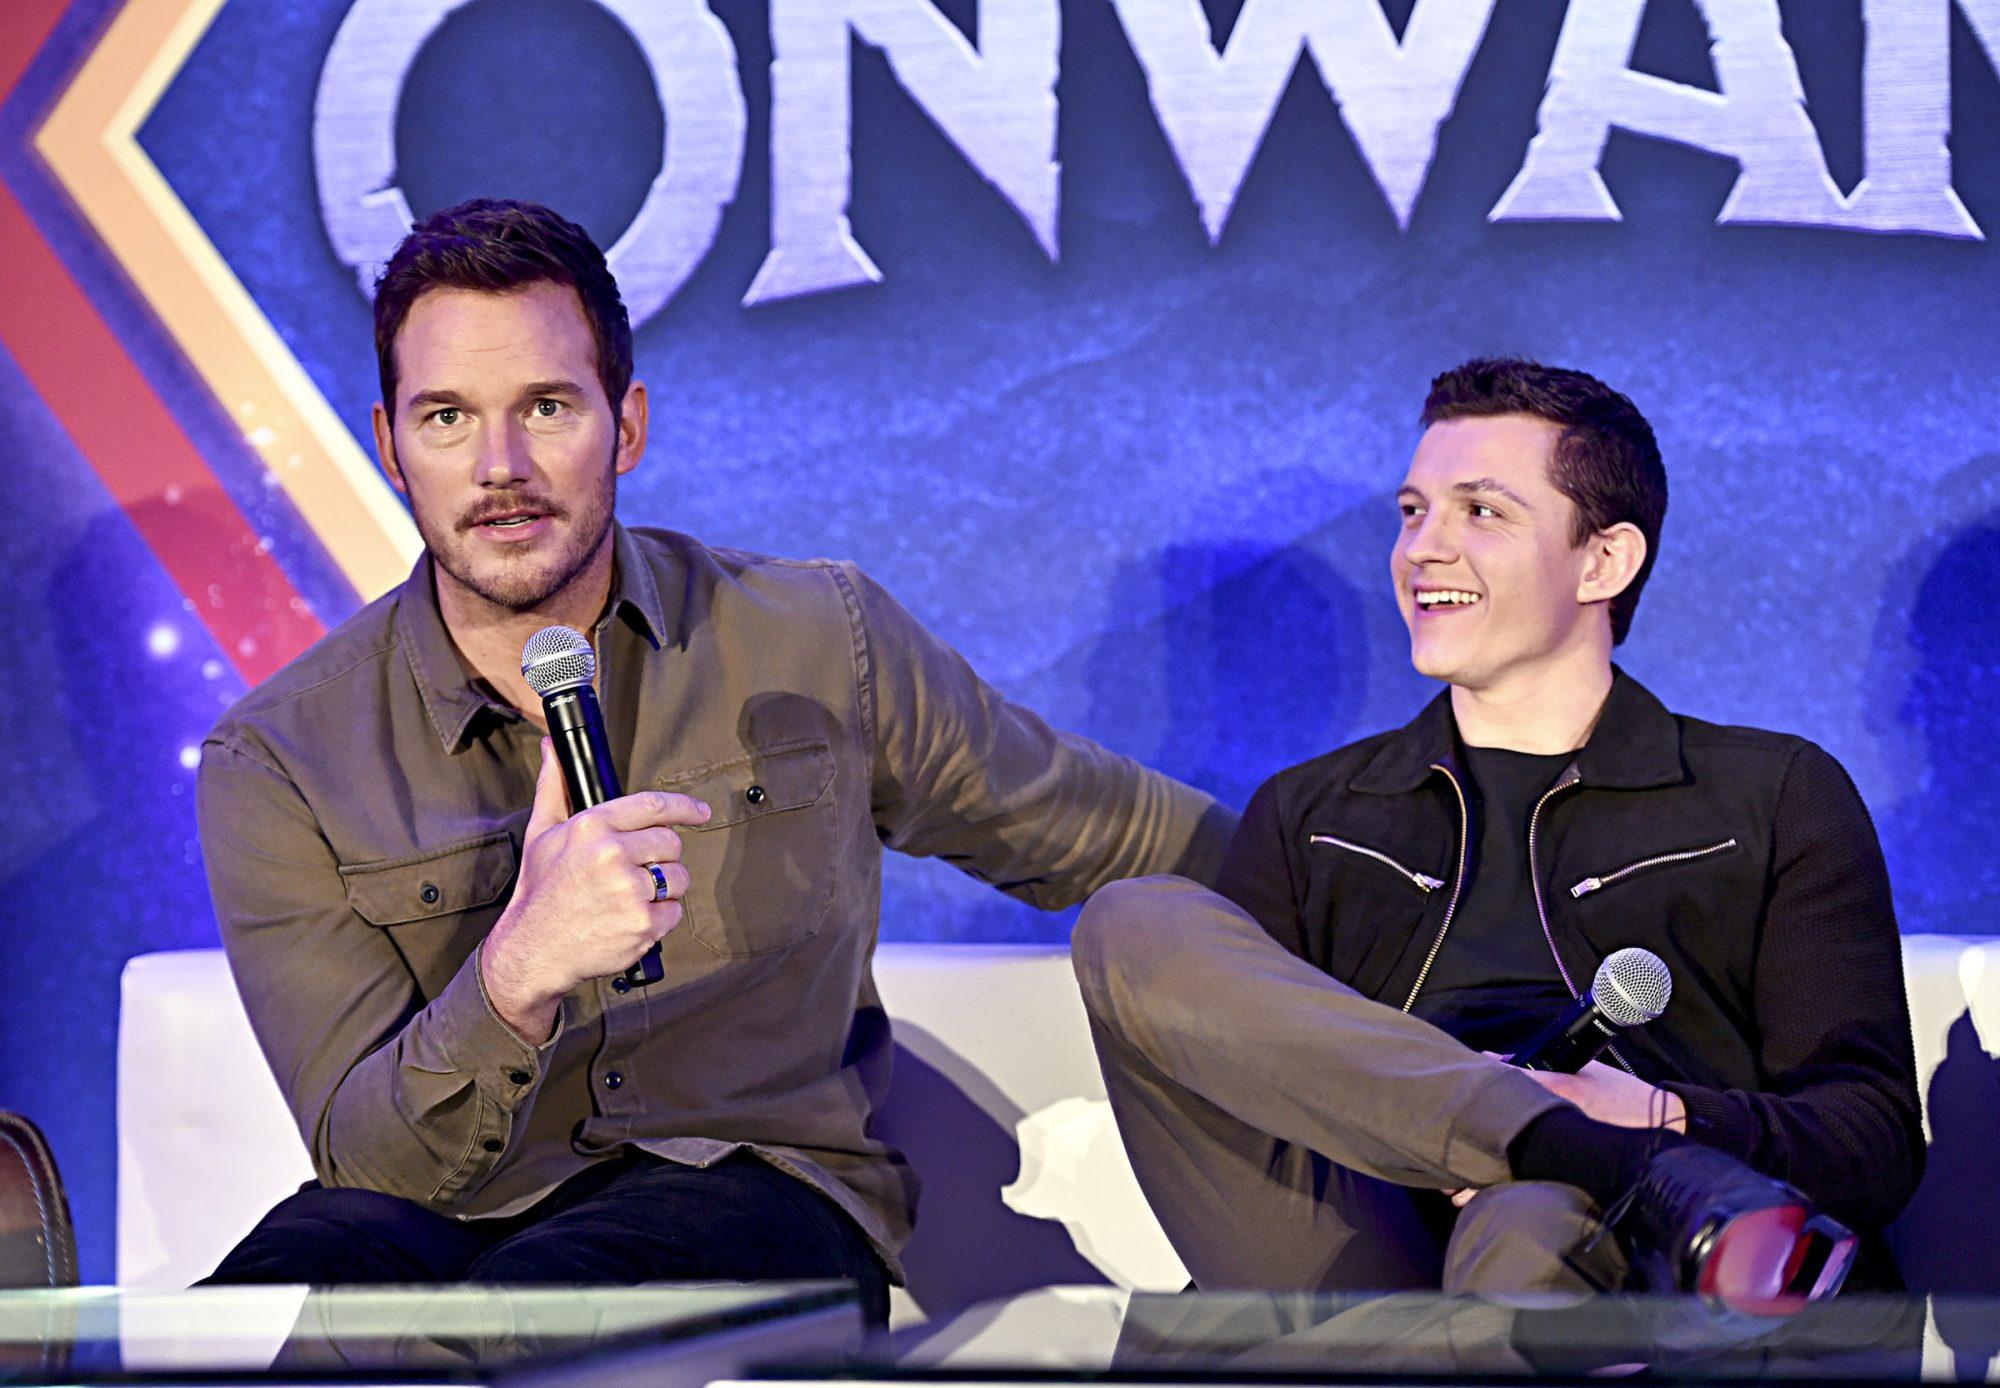 Chris Pratt and Tom Holland